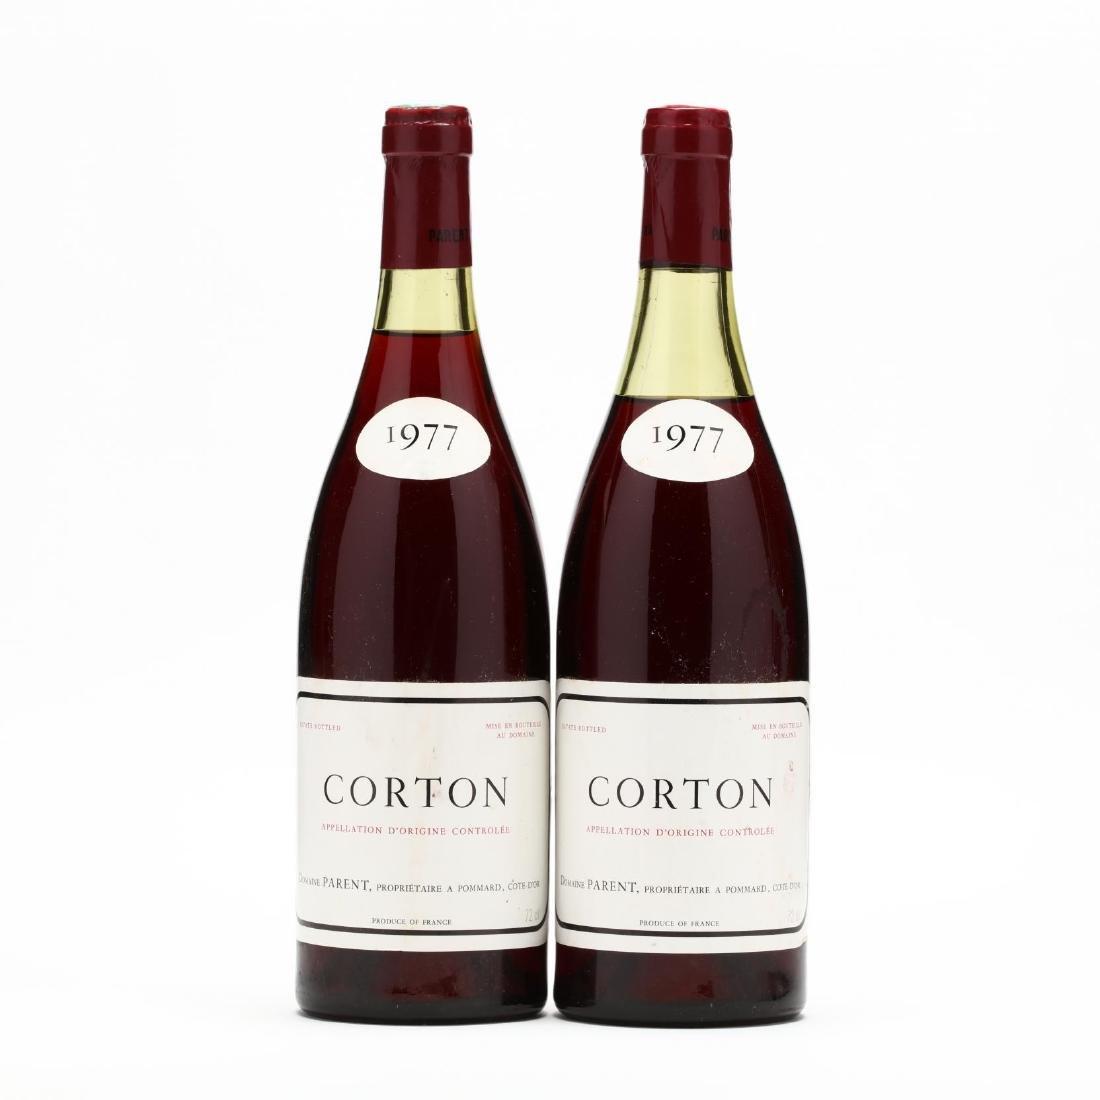 Corton - Vintage 1977